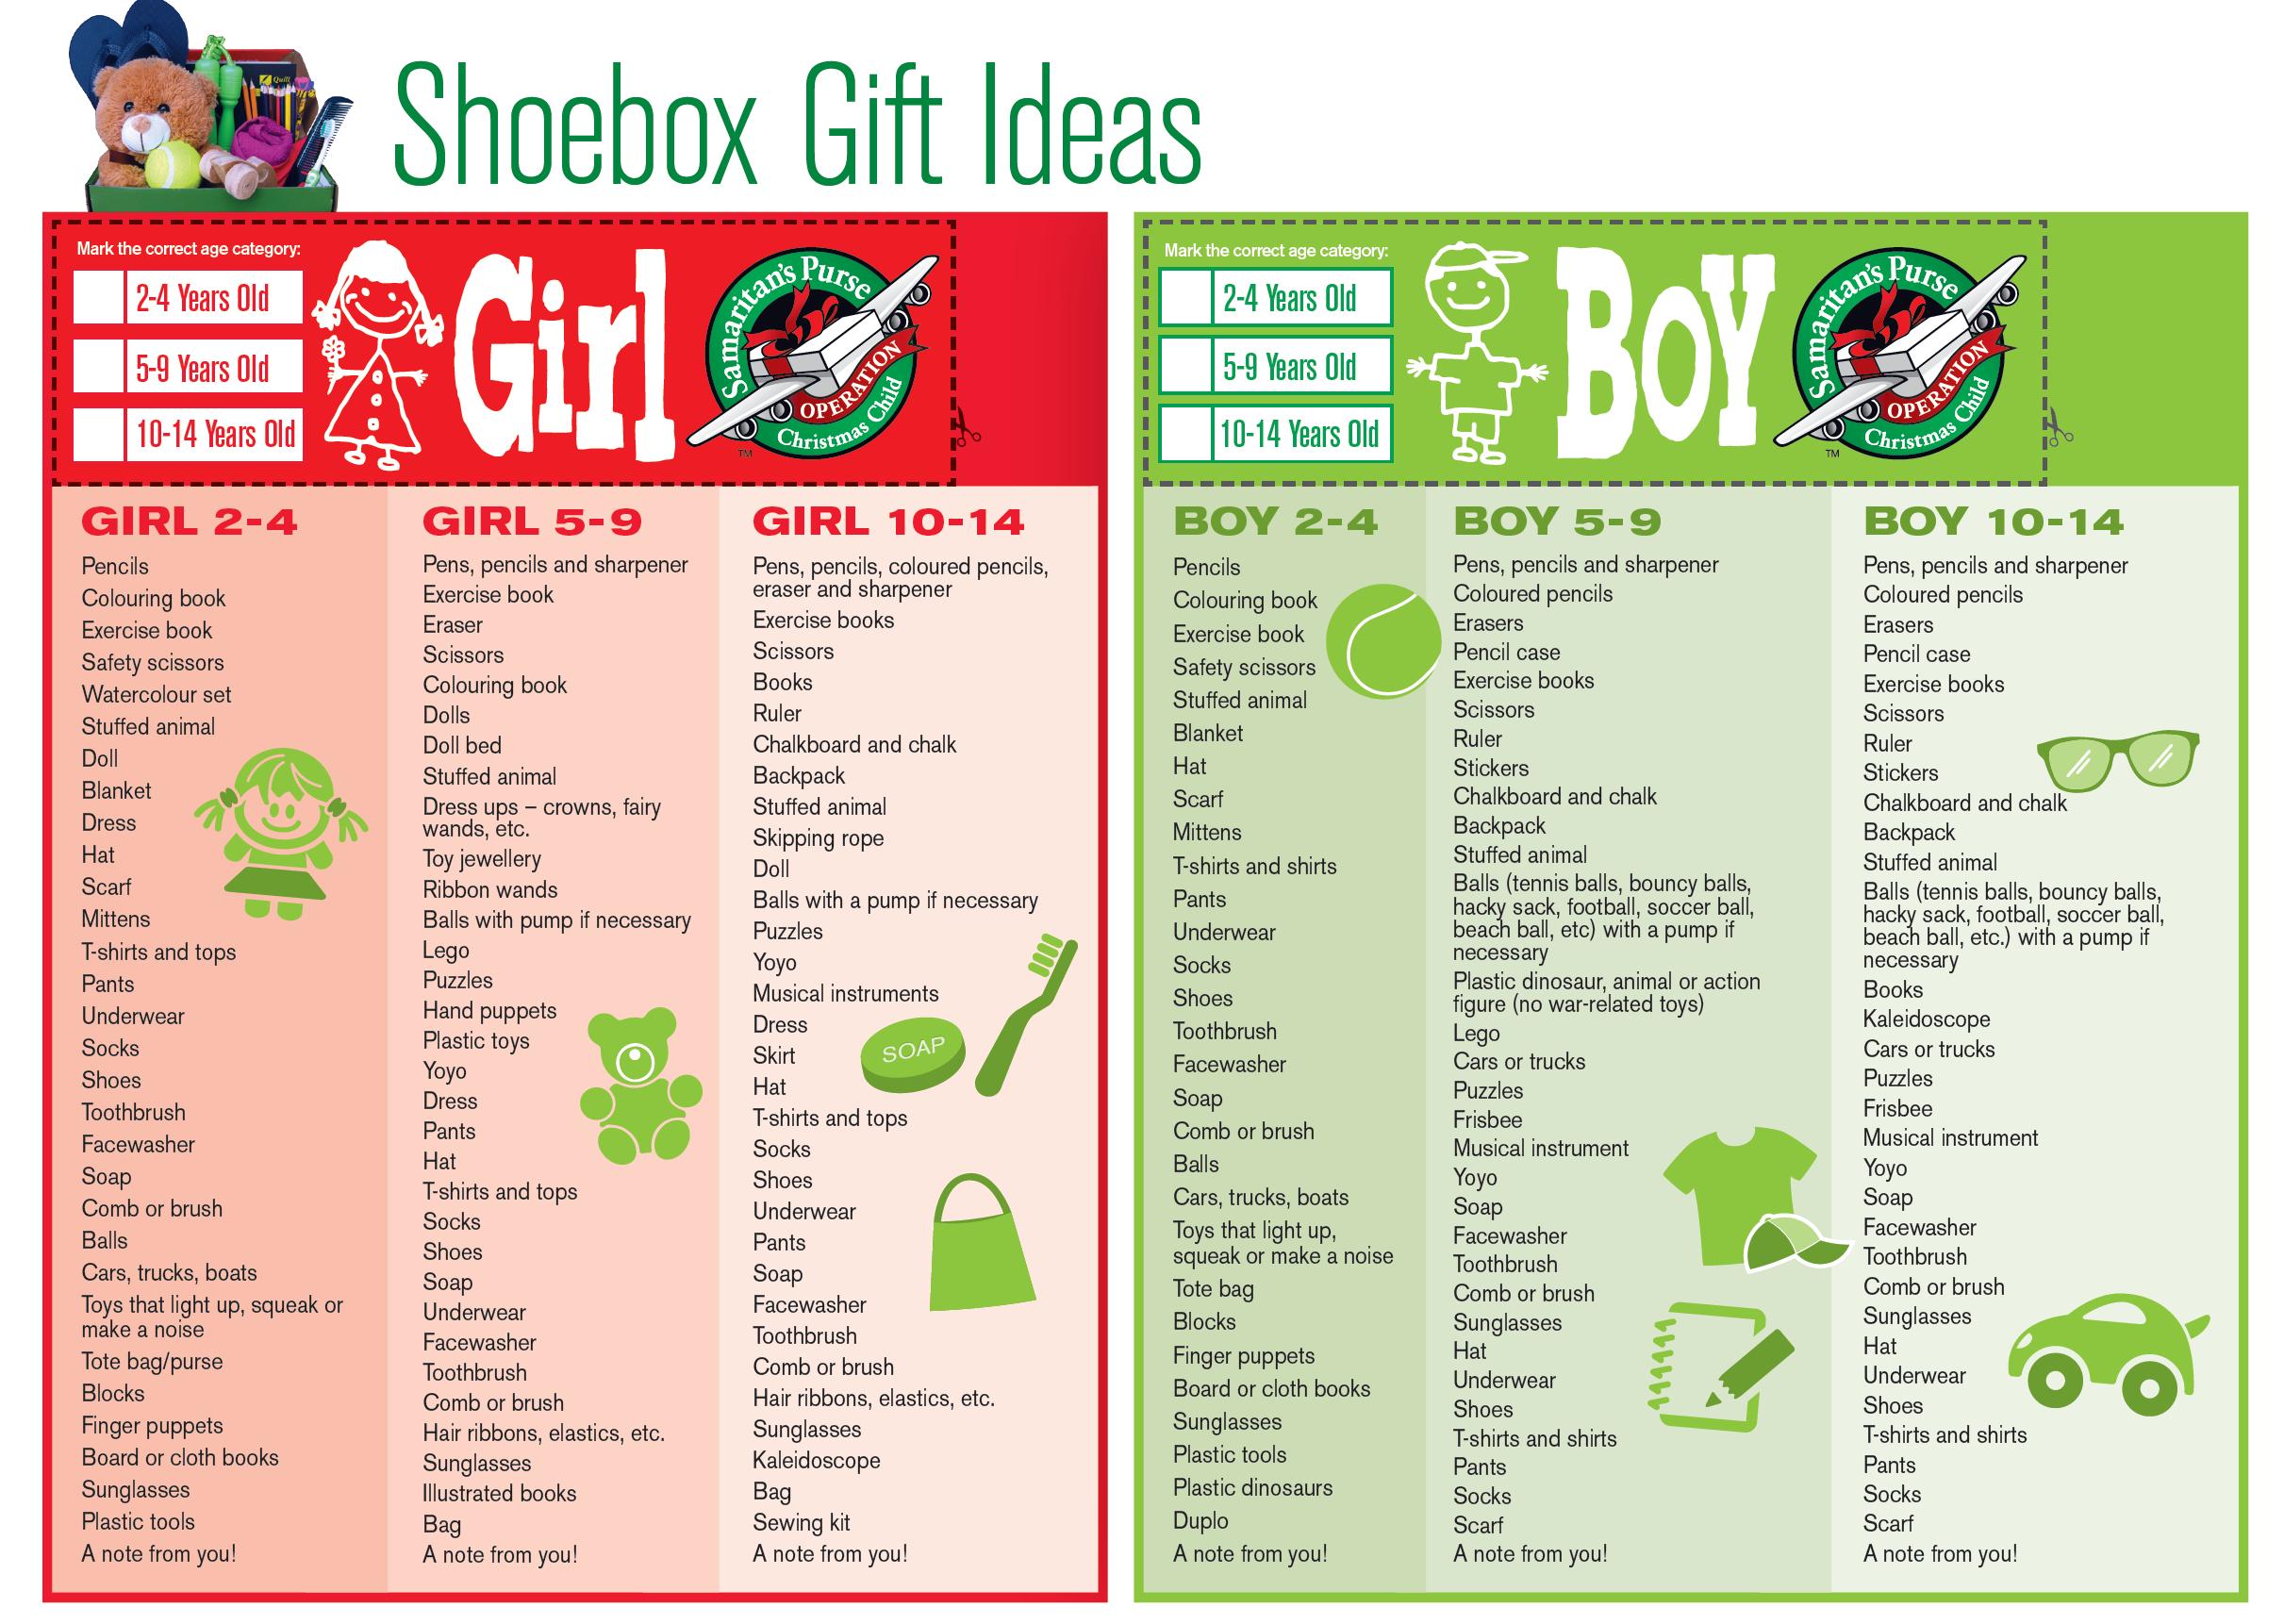 Operation Christmas Child Gift Ideas Samaritans Purse Austral Operation Christmas Child Shoebox Operation Christmas Child Boxes Christmas Child Shoebox Ideas